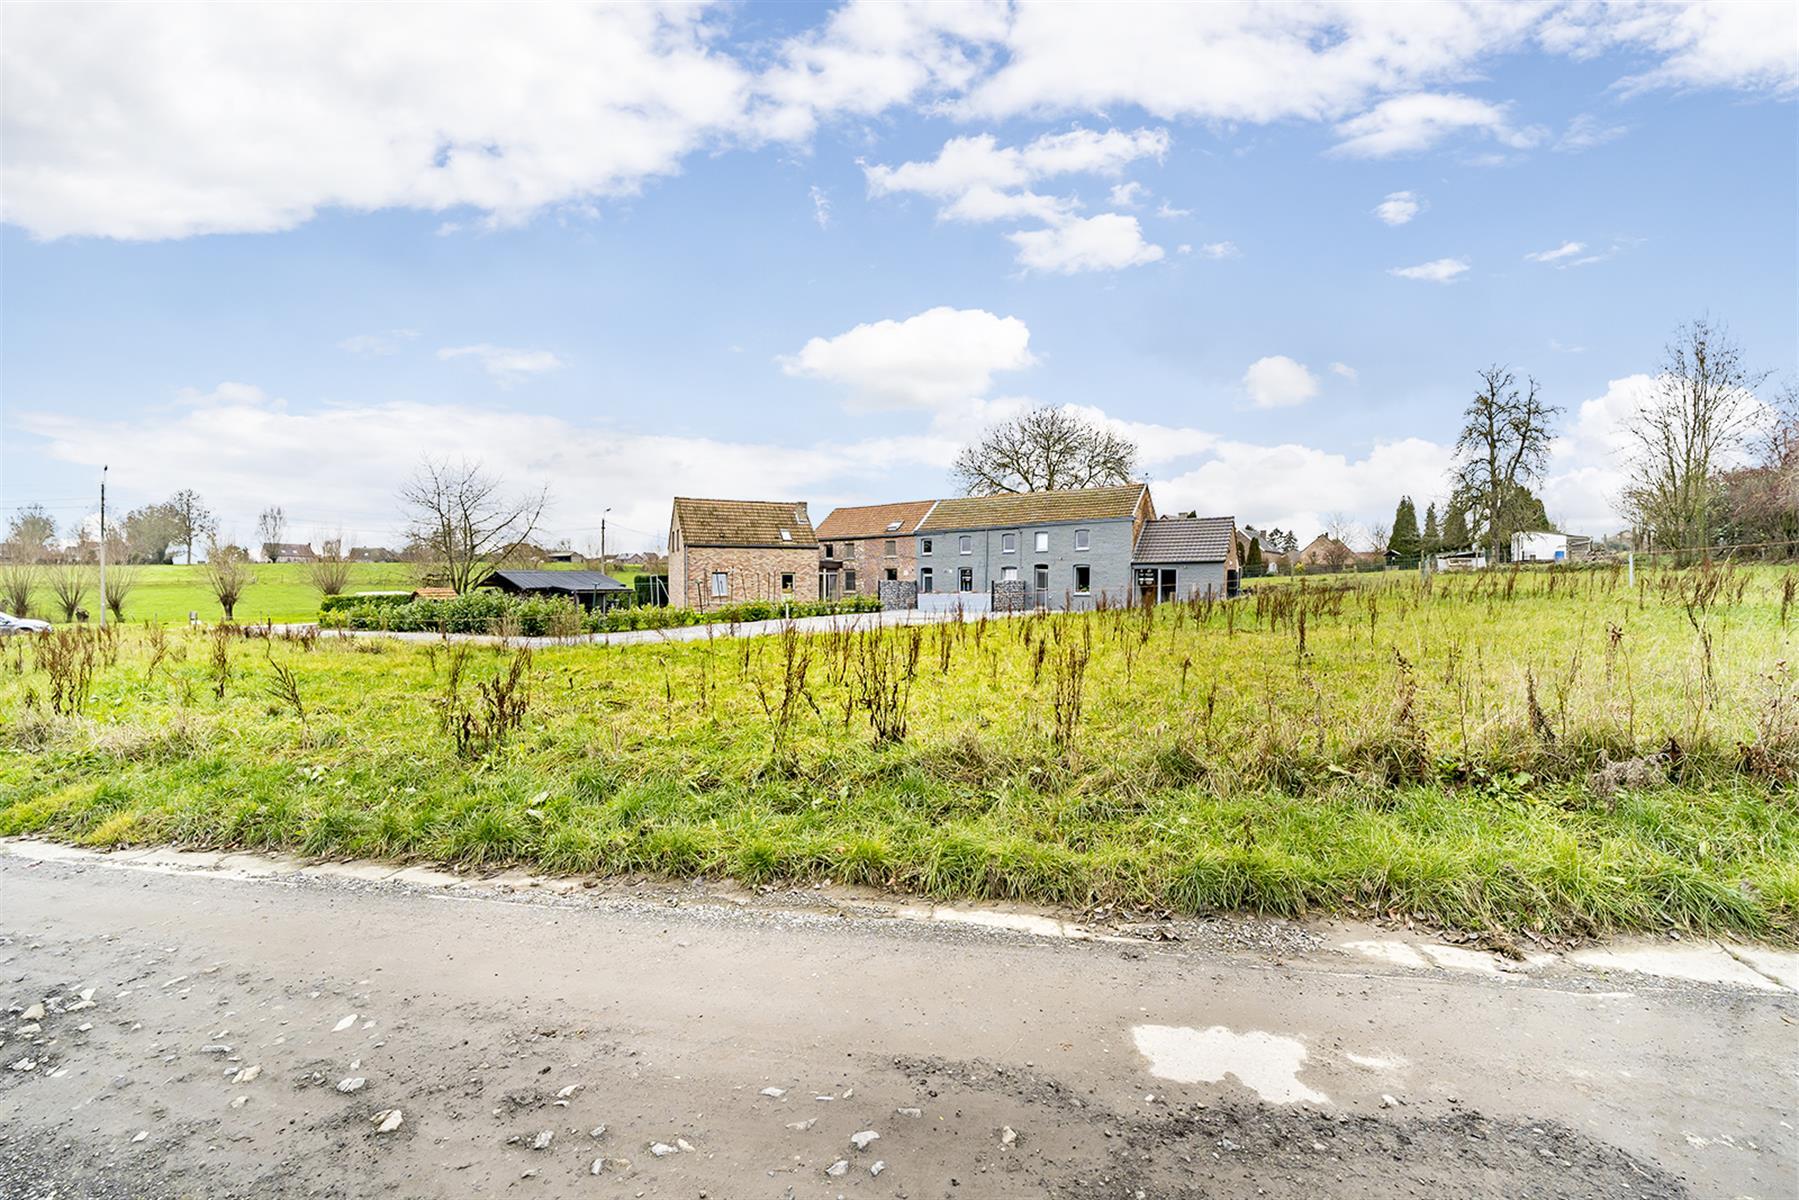 Maison - Saint-Georgessur-Meuse - #3638461-17